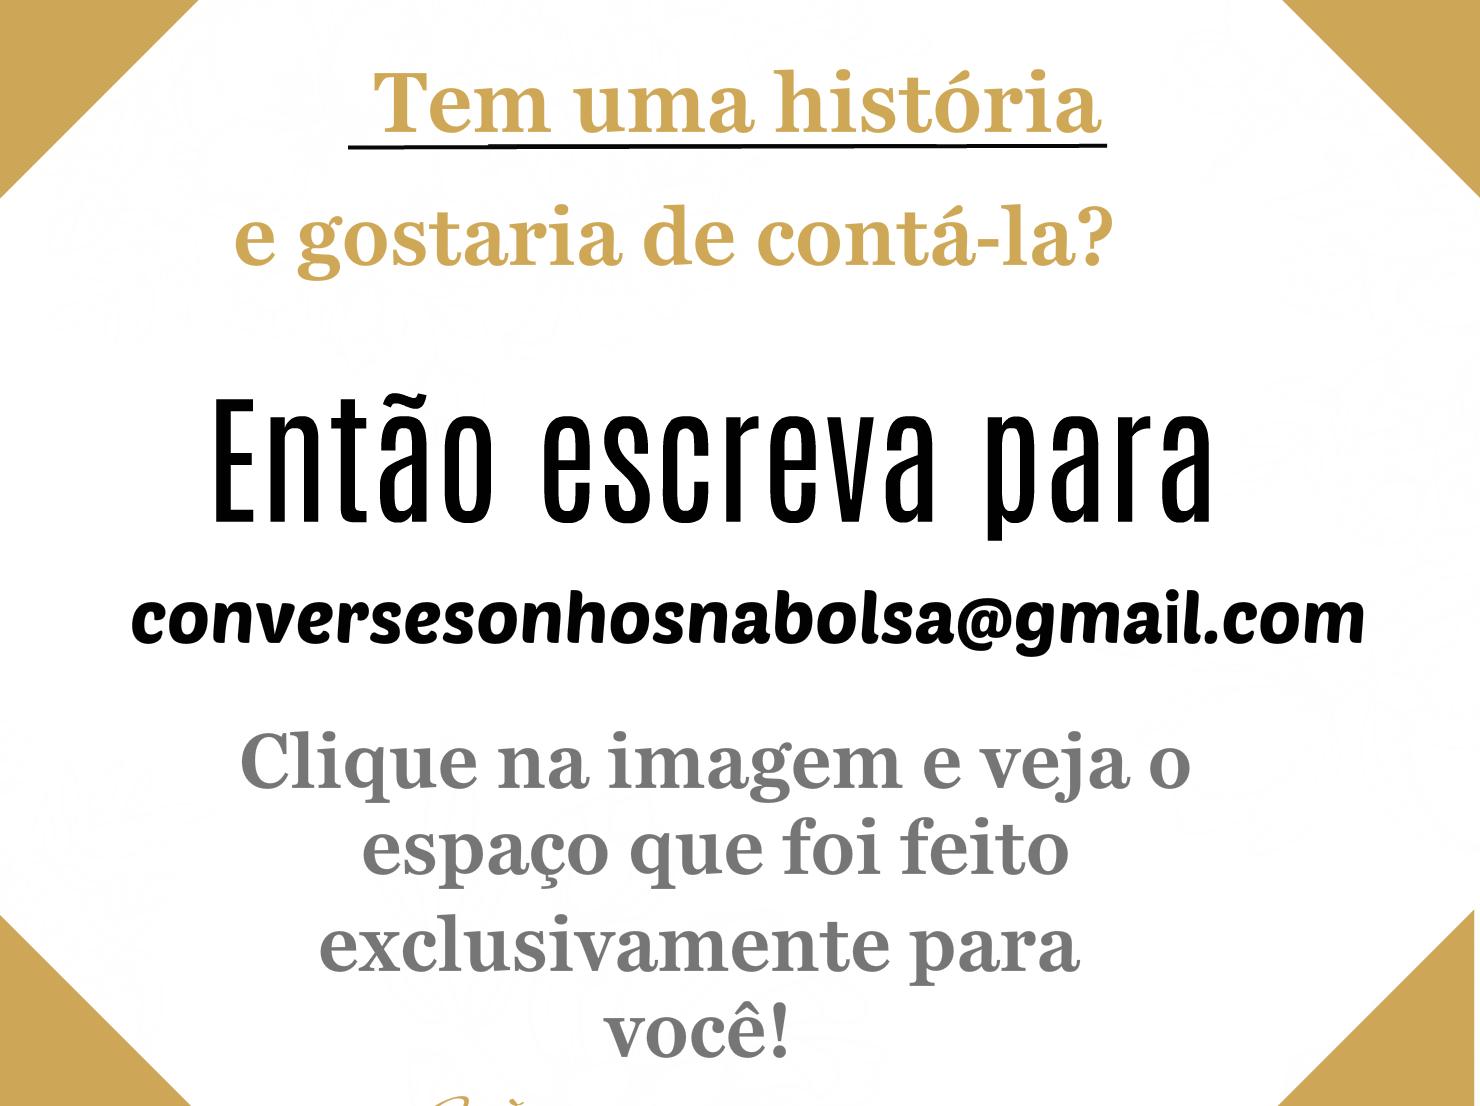 Envie seu e-mail